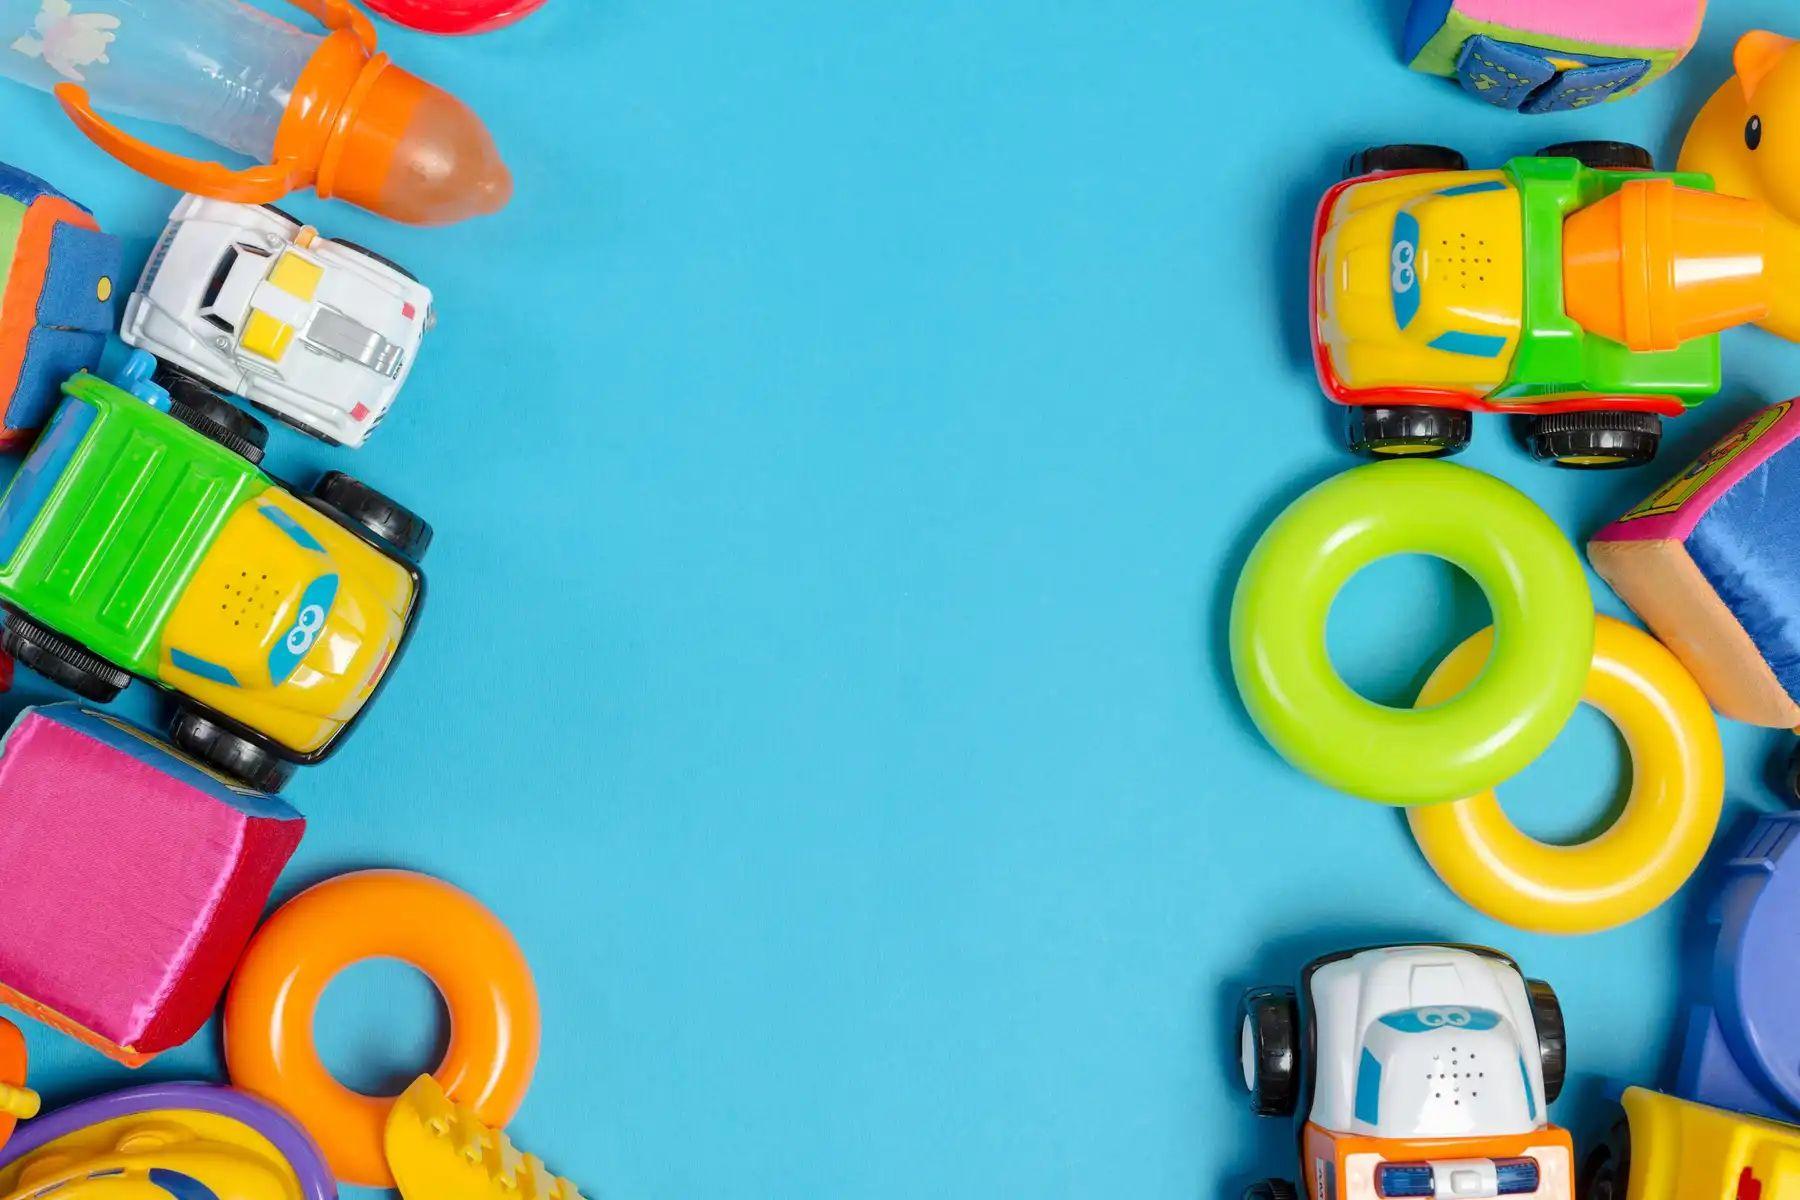 Chọn đồ chơi như thế nào để đảm bảo an toàn cho trẻ